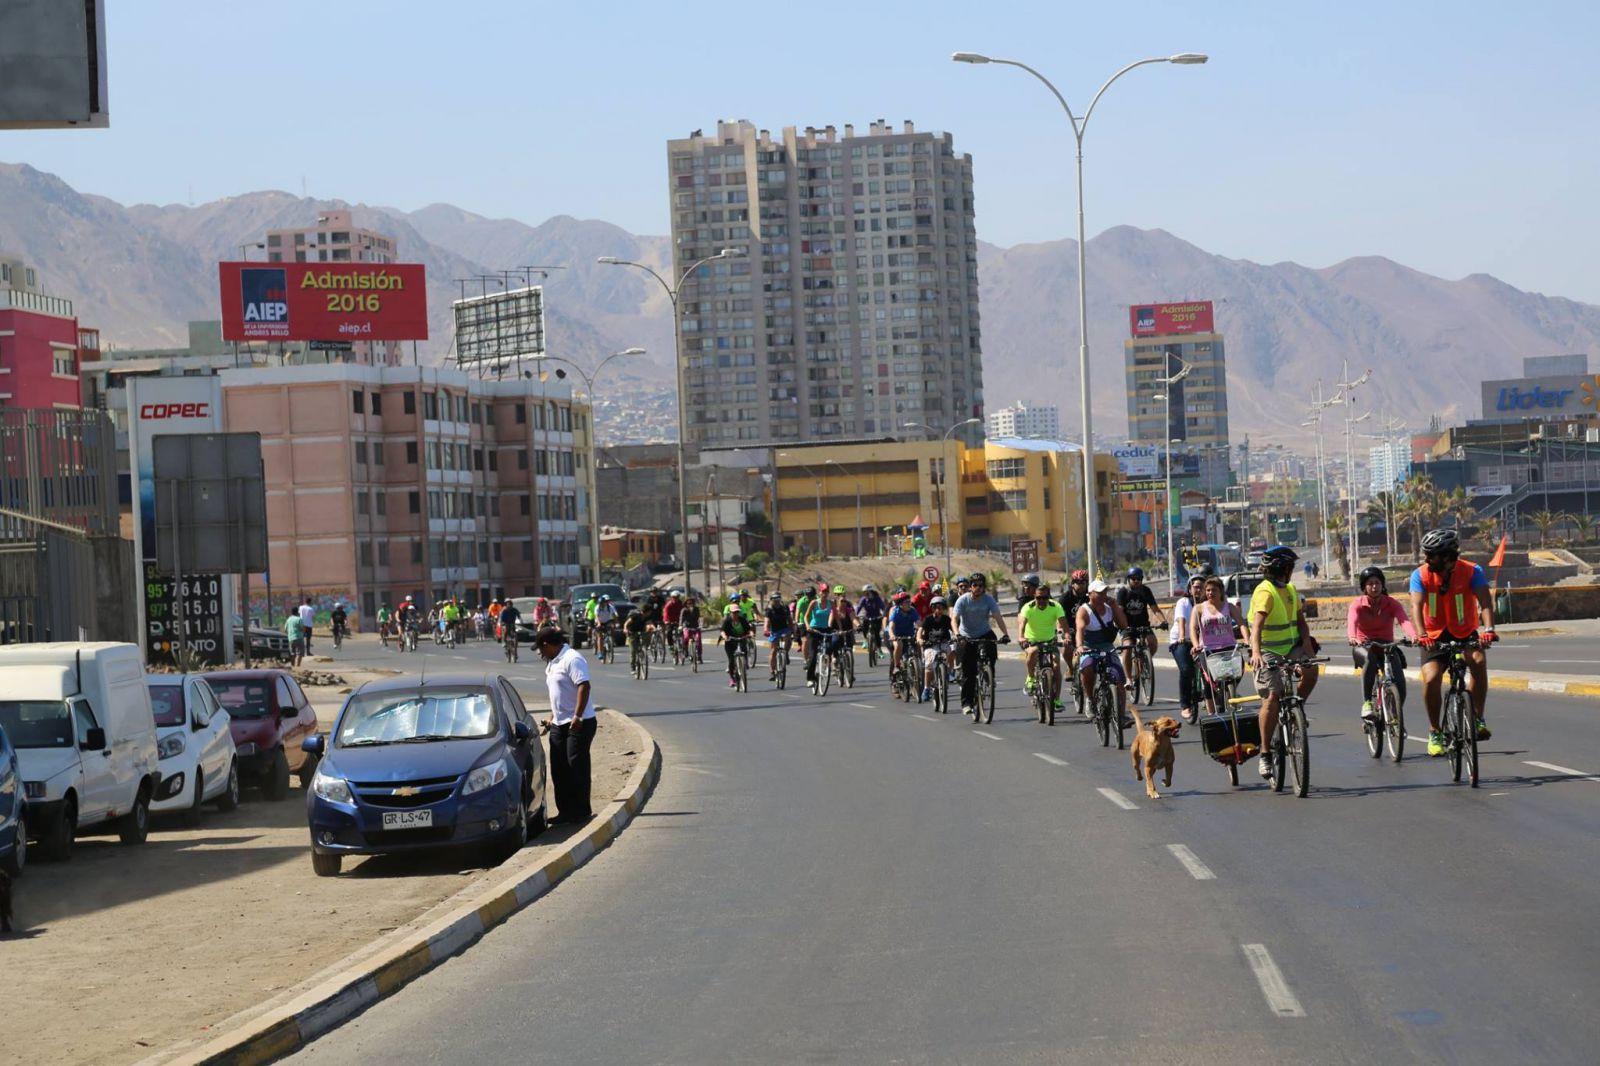 ojo-estudiantes-universitarios-quedan-2-semanas-para-solicitar-sus-bicicletas-gratuitas